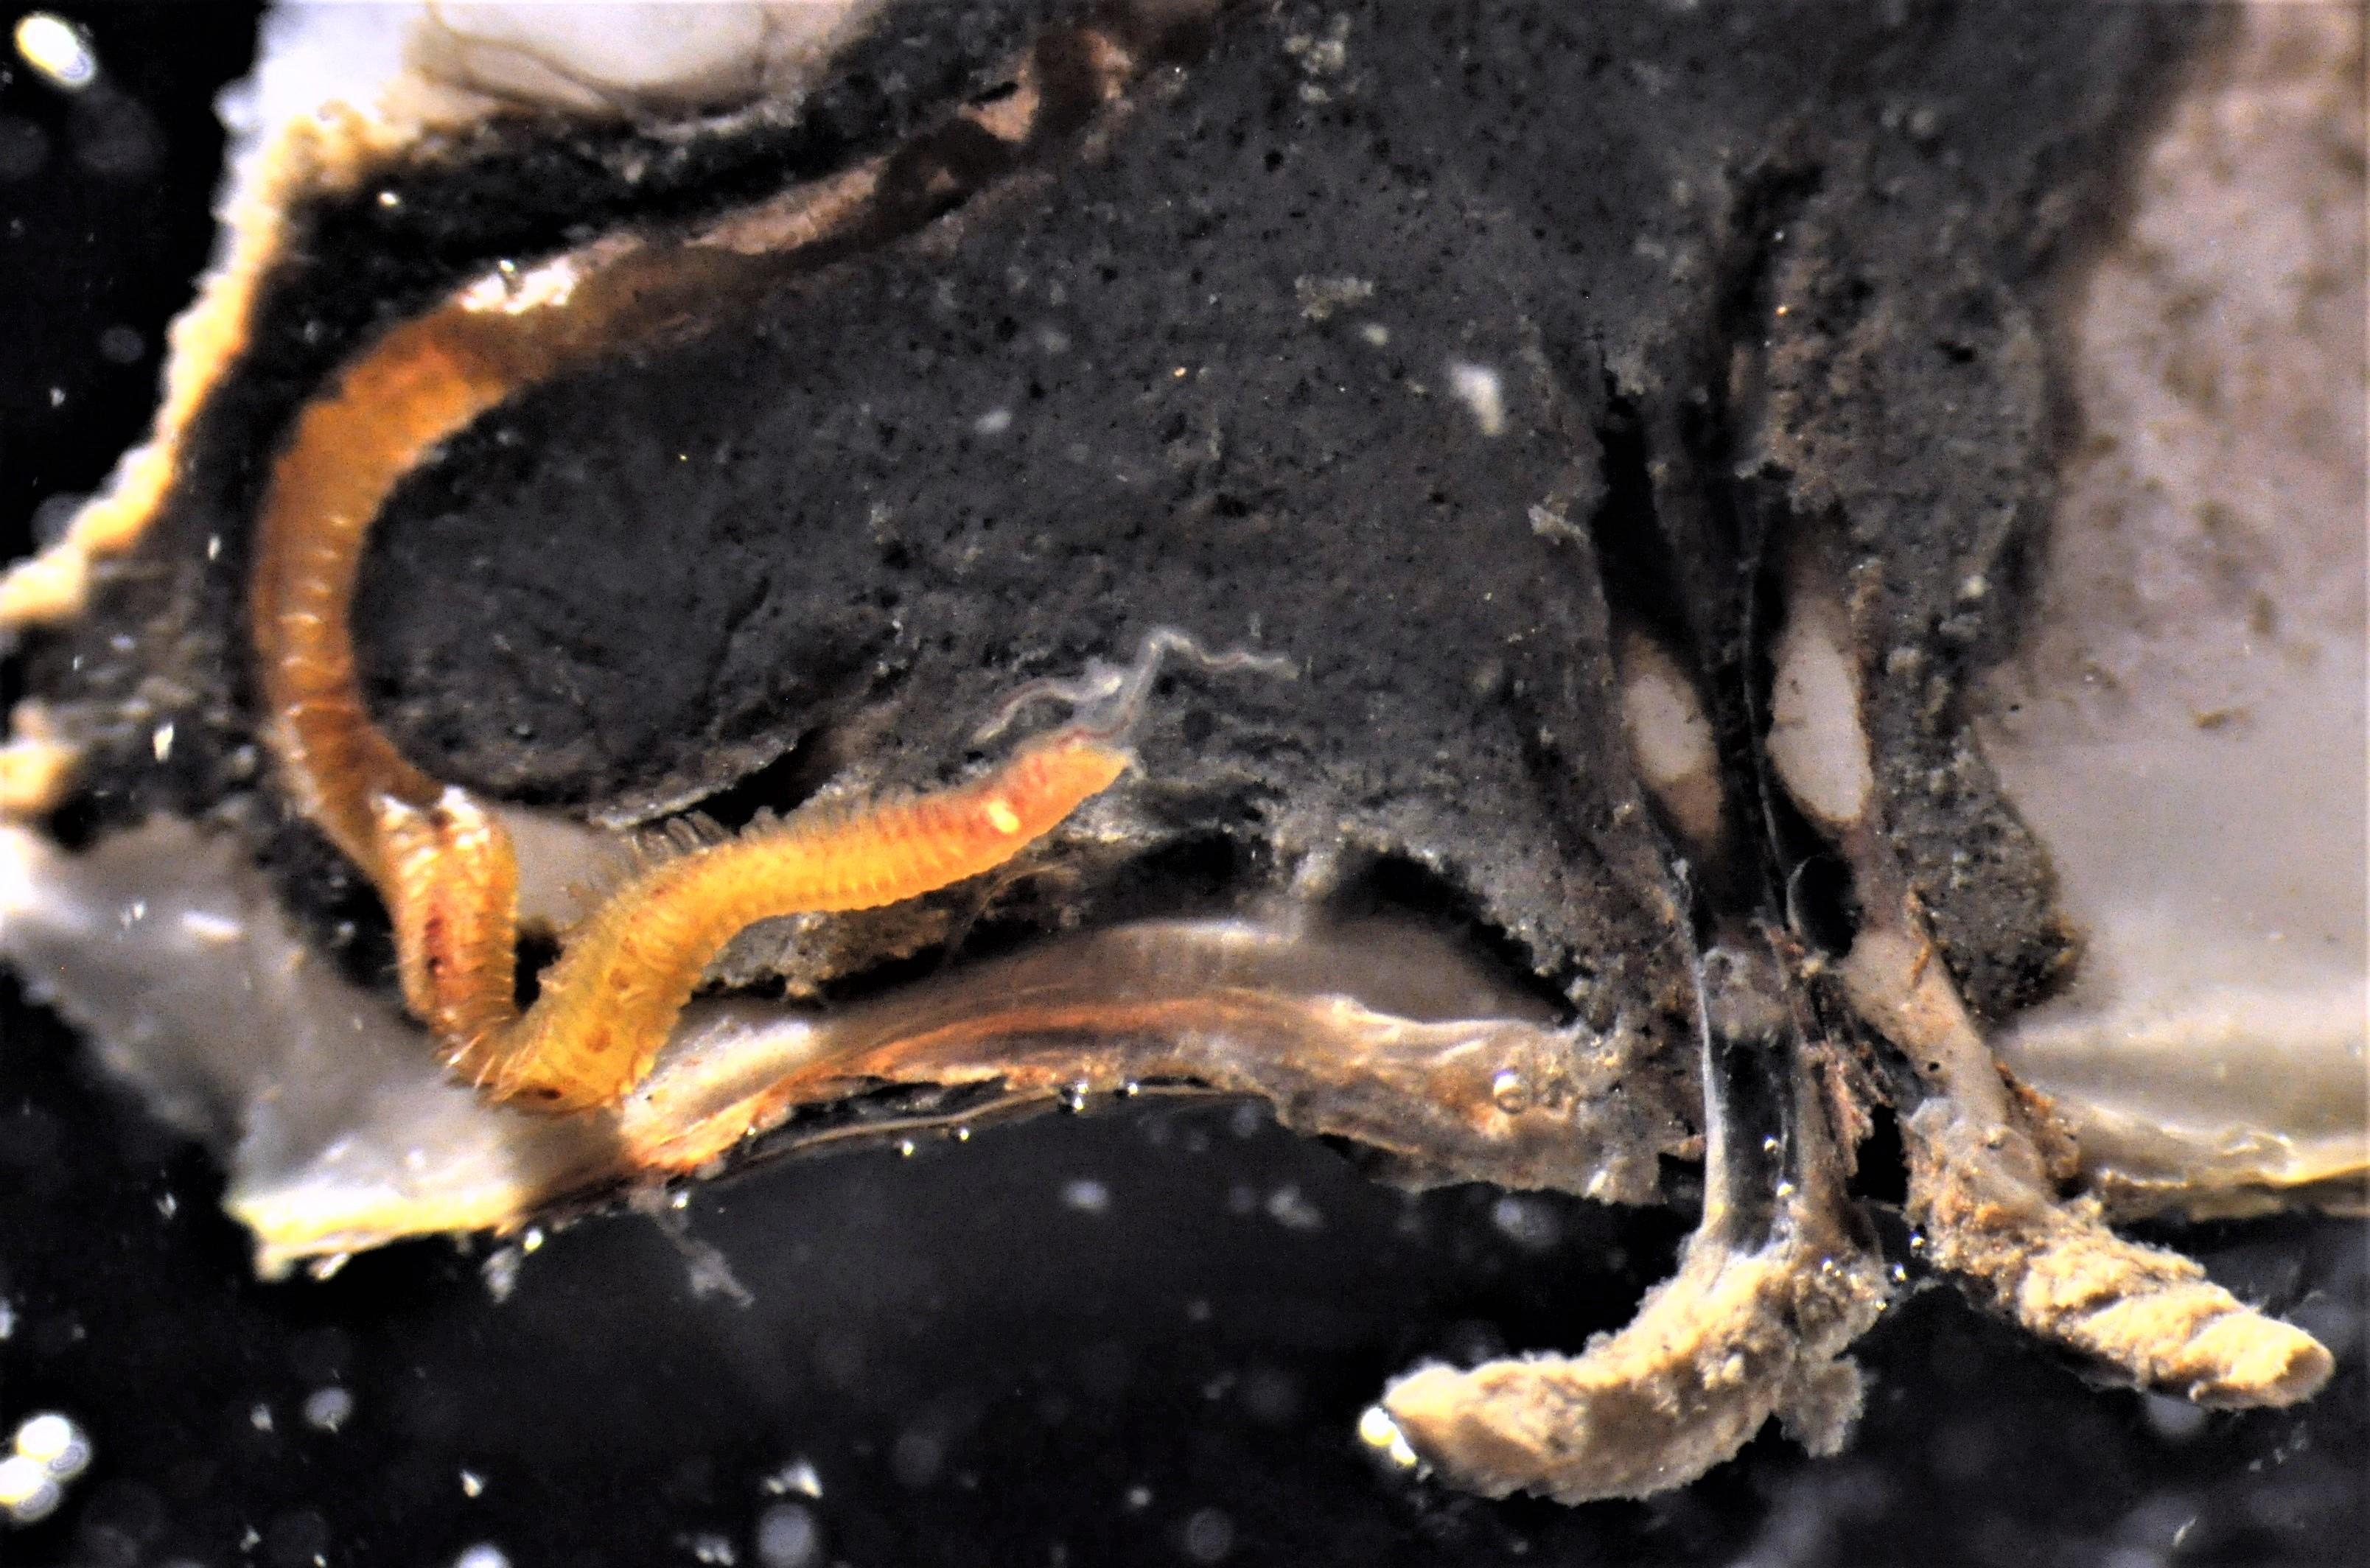 Boorworm uit Stille Zuidzee bedreigt oesters in de Waddenzee